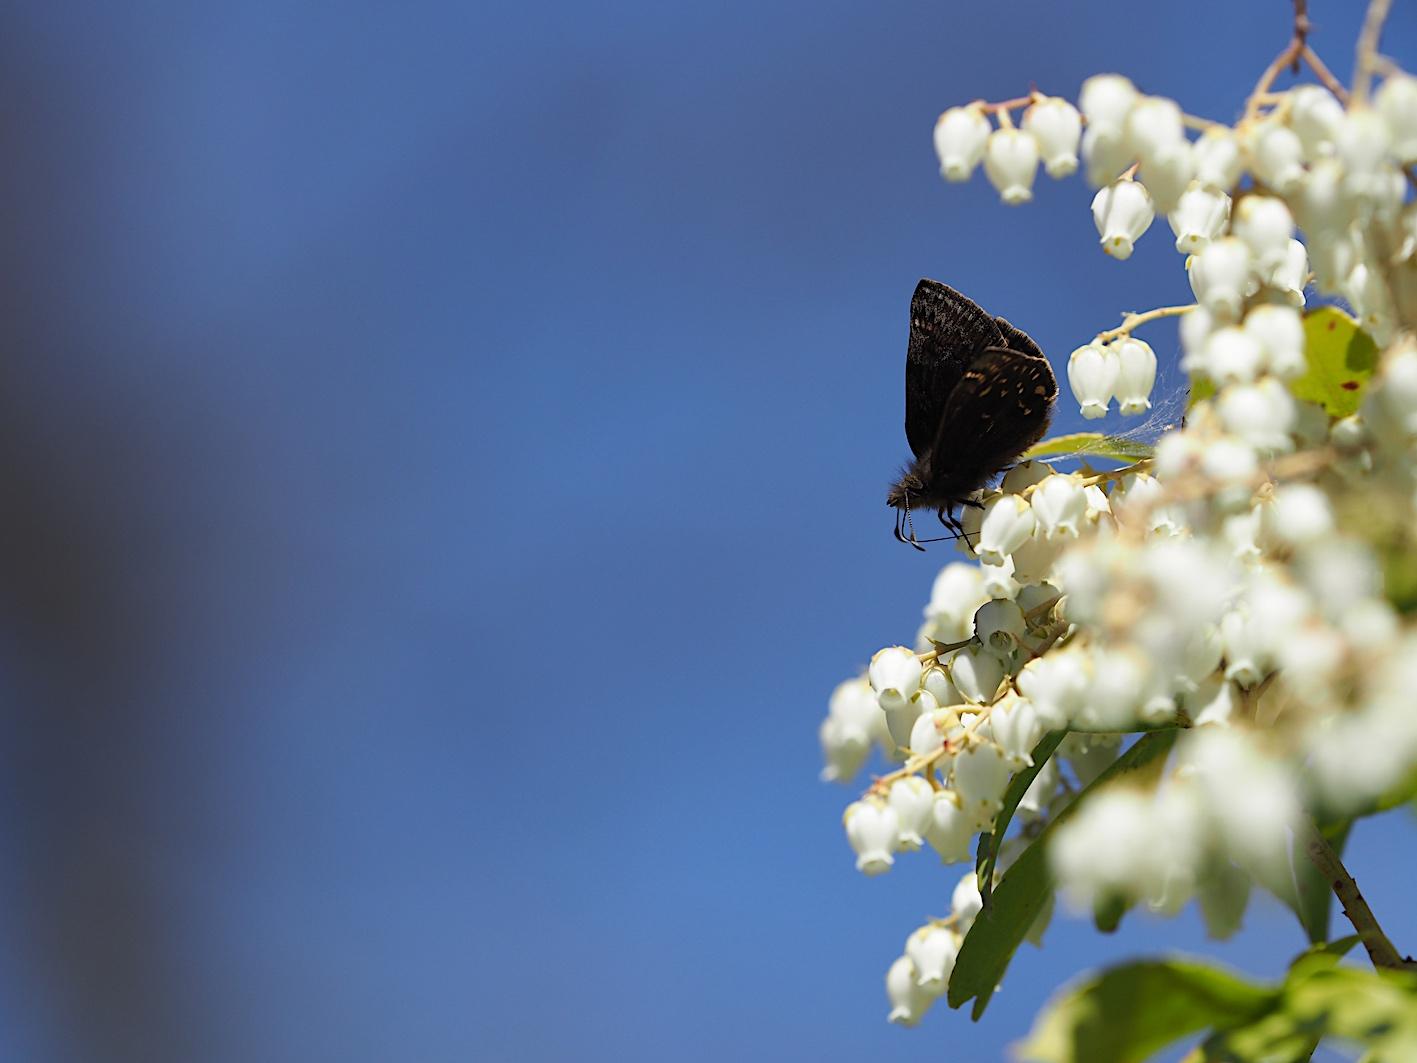 アセビにくる蝶たち、ミヤマセセリ(2019年3月26日)_d0303129_15123.jpg